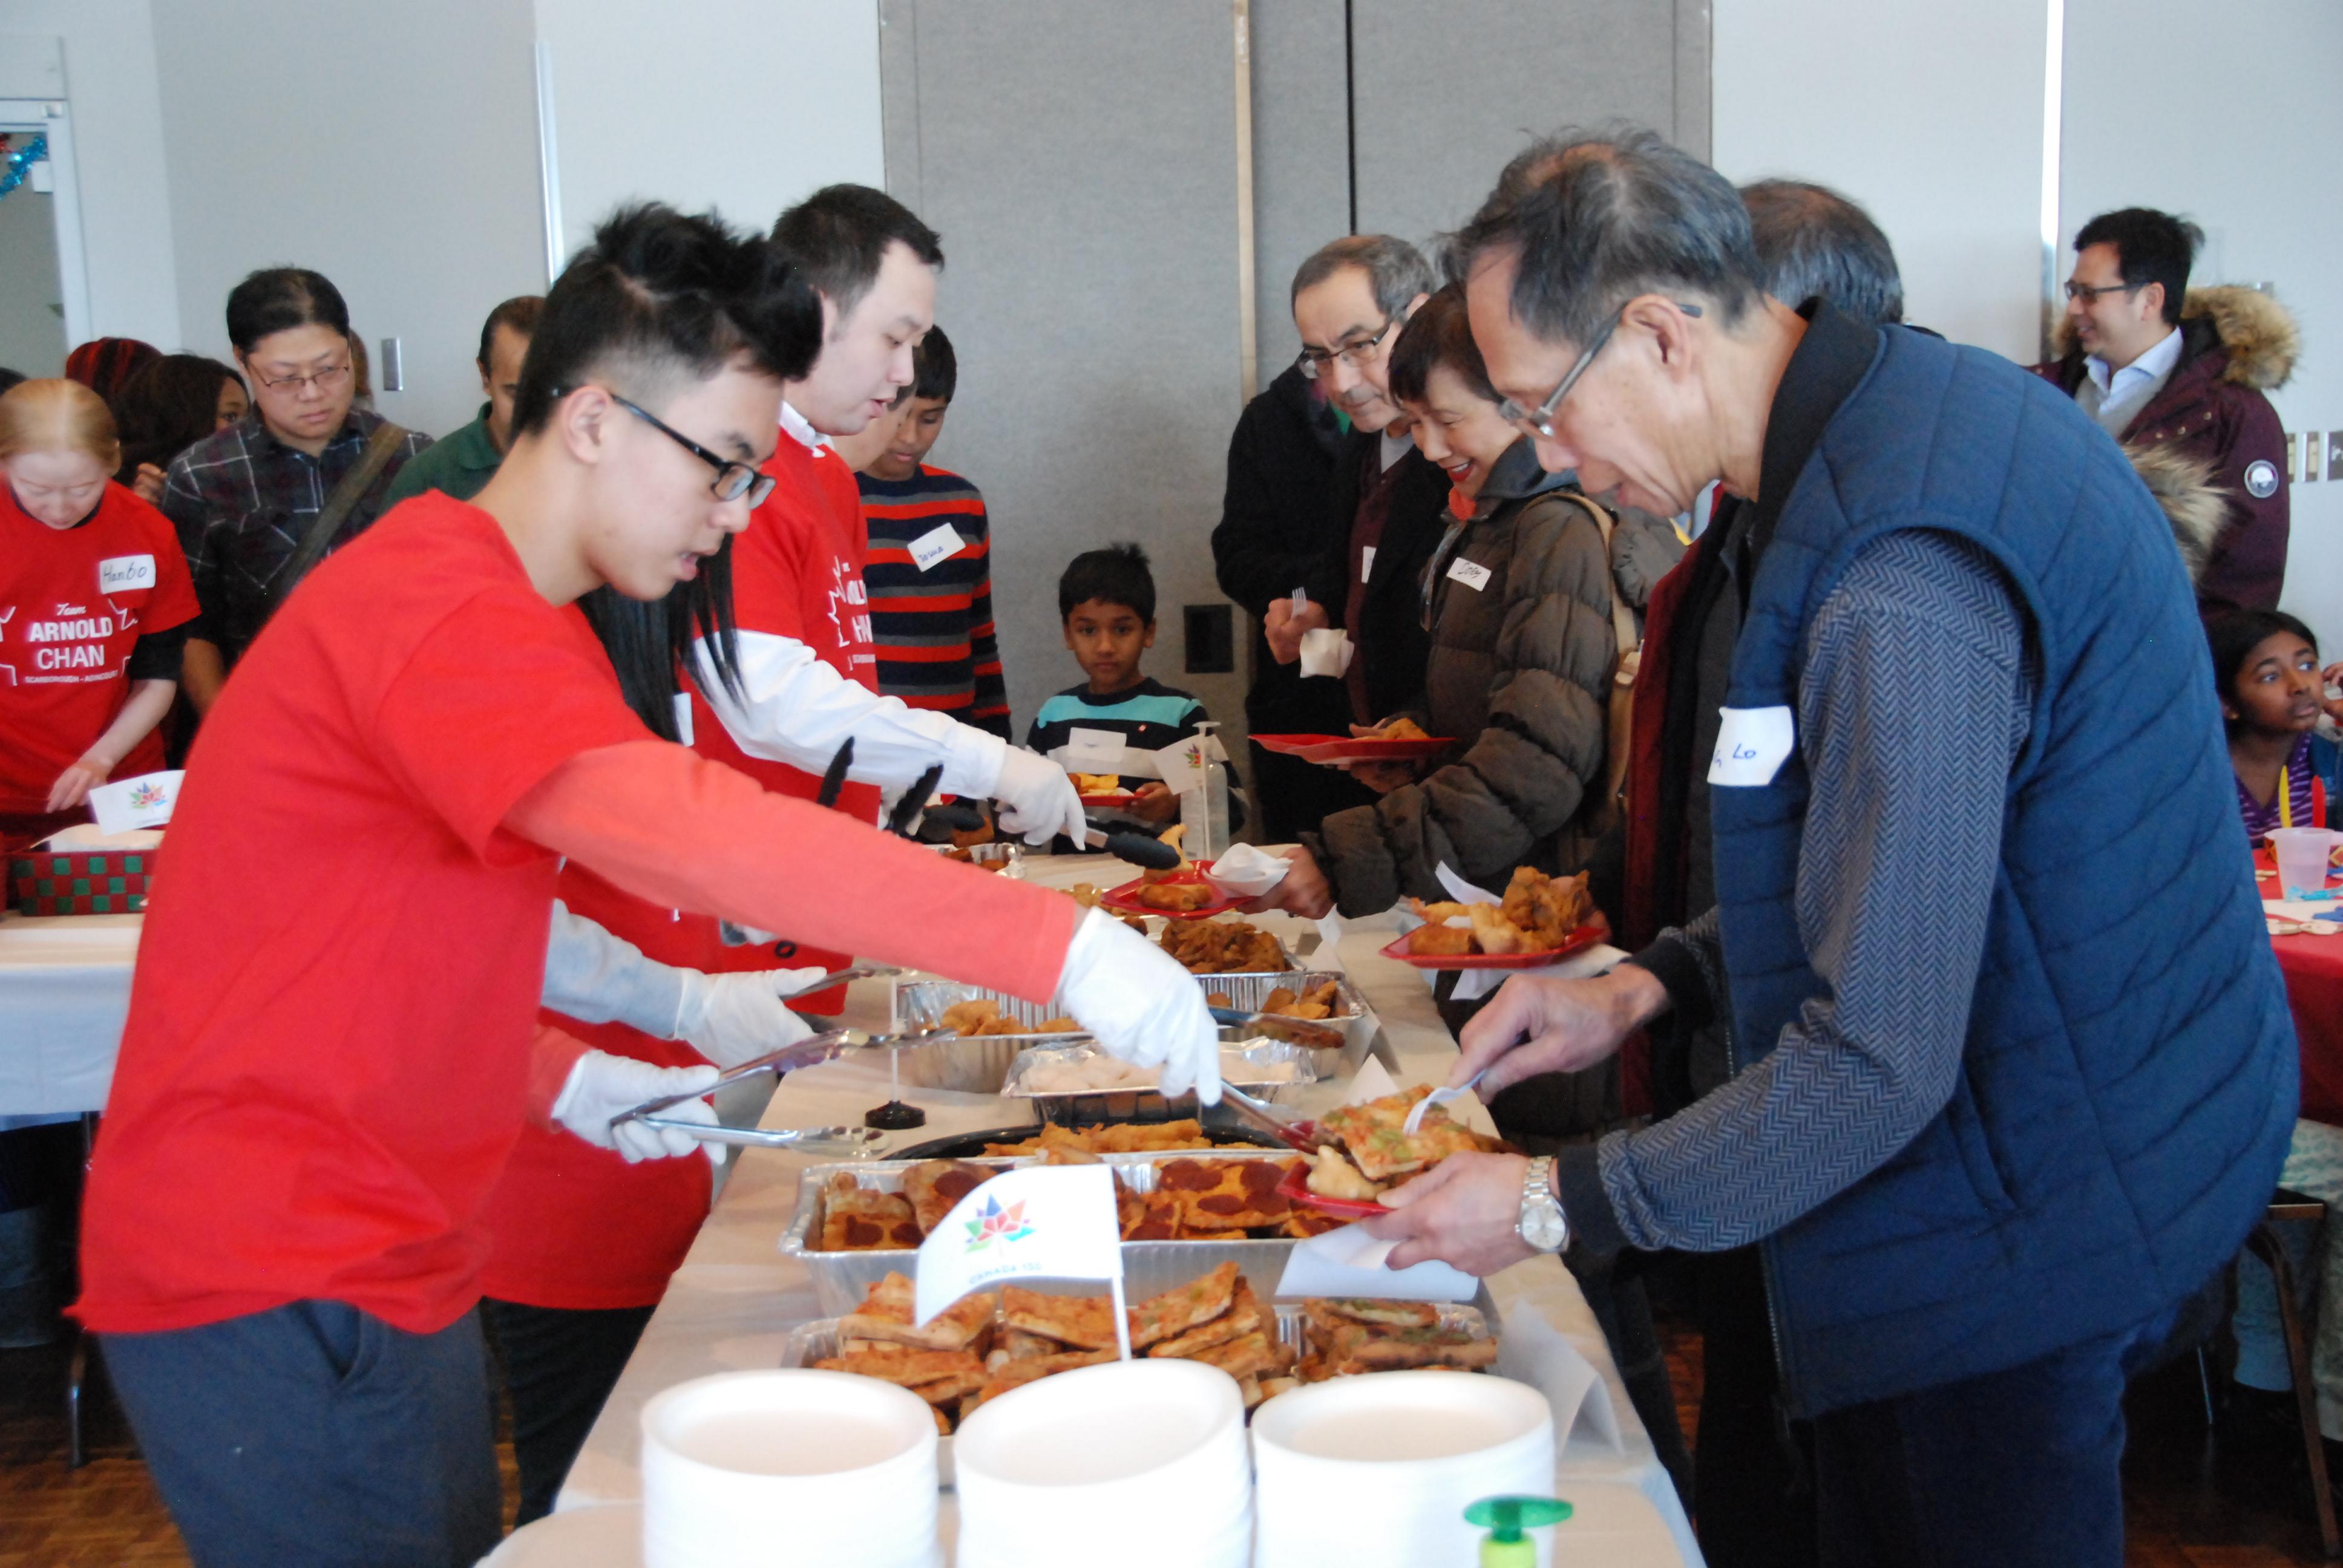 參加聯歡會的社區居民分享美食。(伊鈴/大紀元)